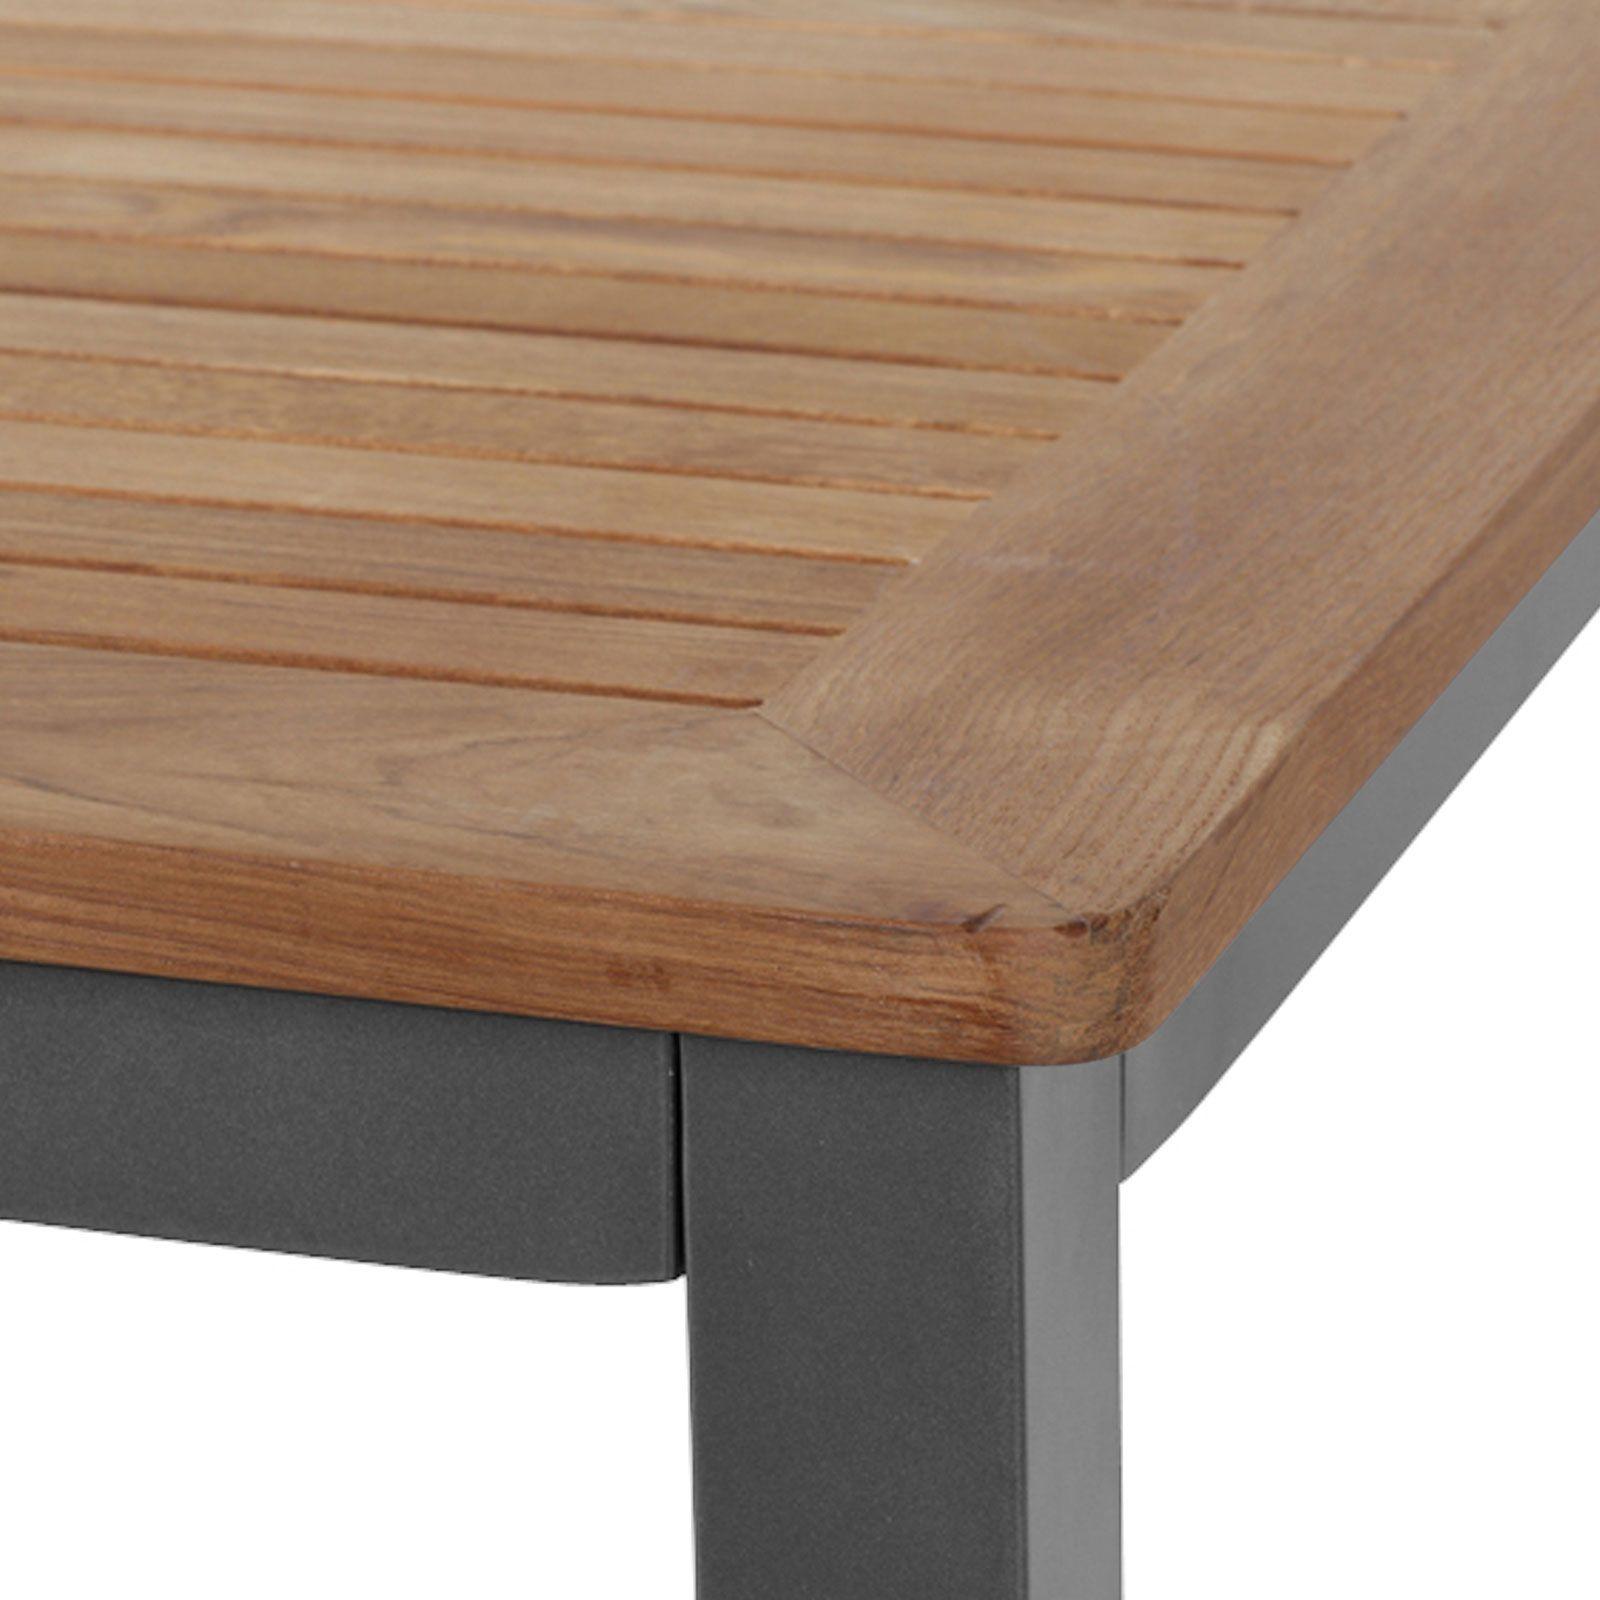 Siena Garden Savina XL/Geneva Esstischgarnitur graphit/grau Alu/Teak/Texfabric Tisch 160×90 cm 4 Multipos.